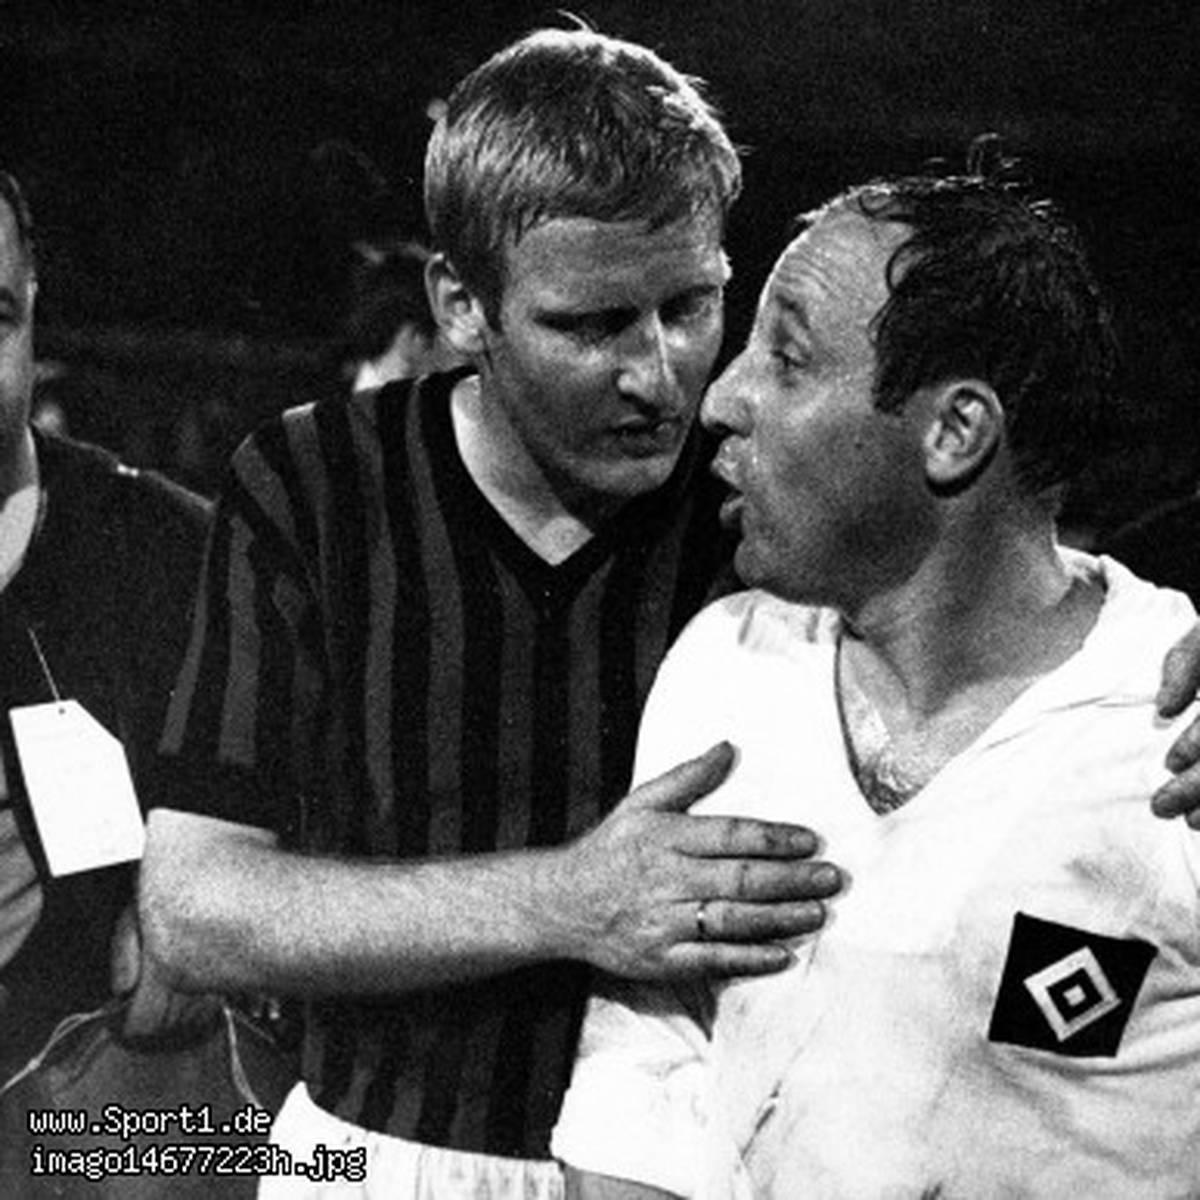 80 Geburtstag Die Karriere Des Karl Heinz Schnellinger